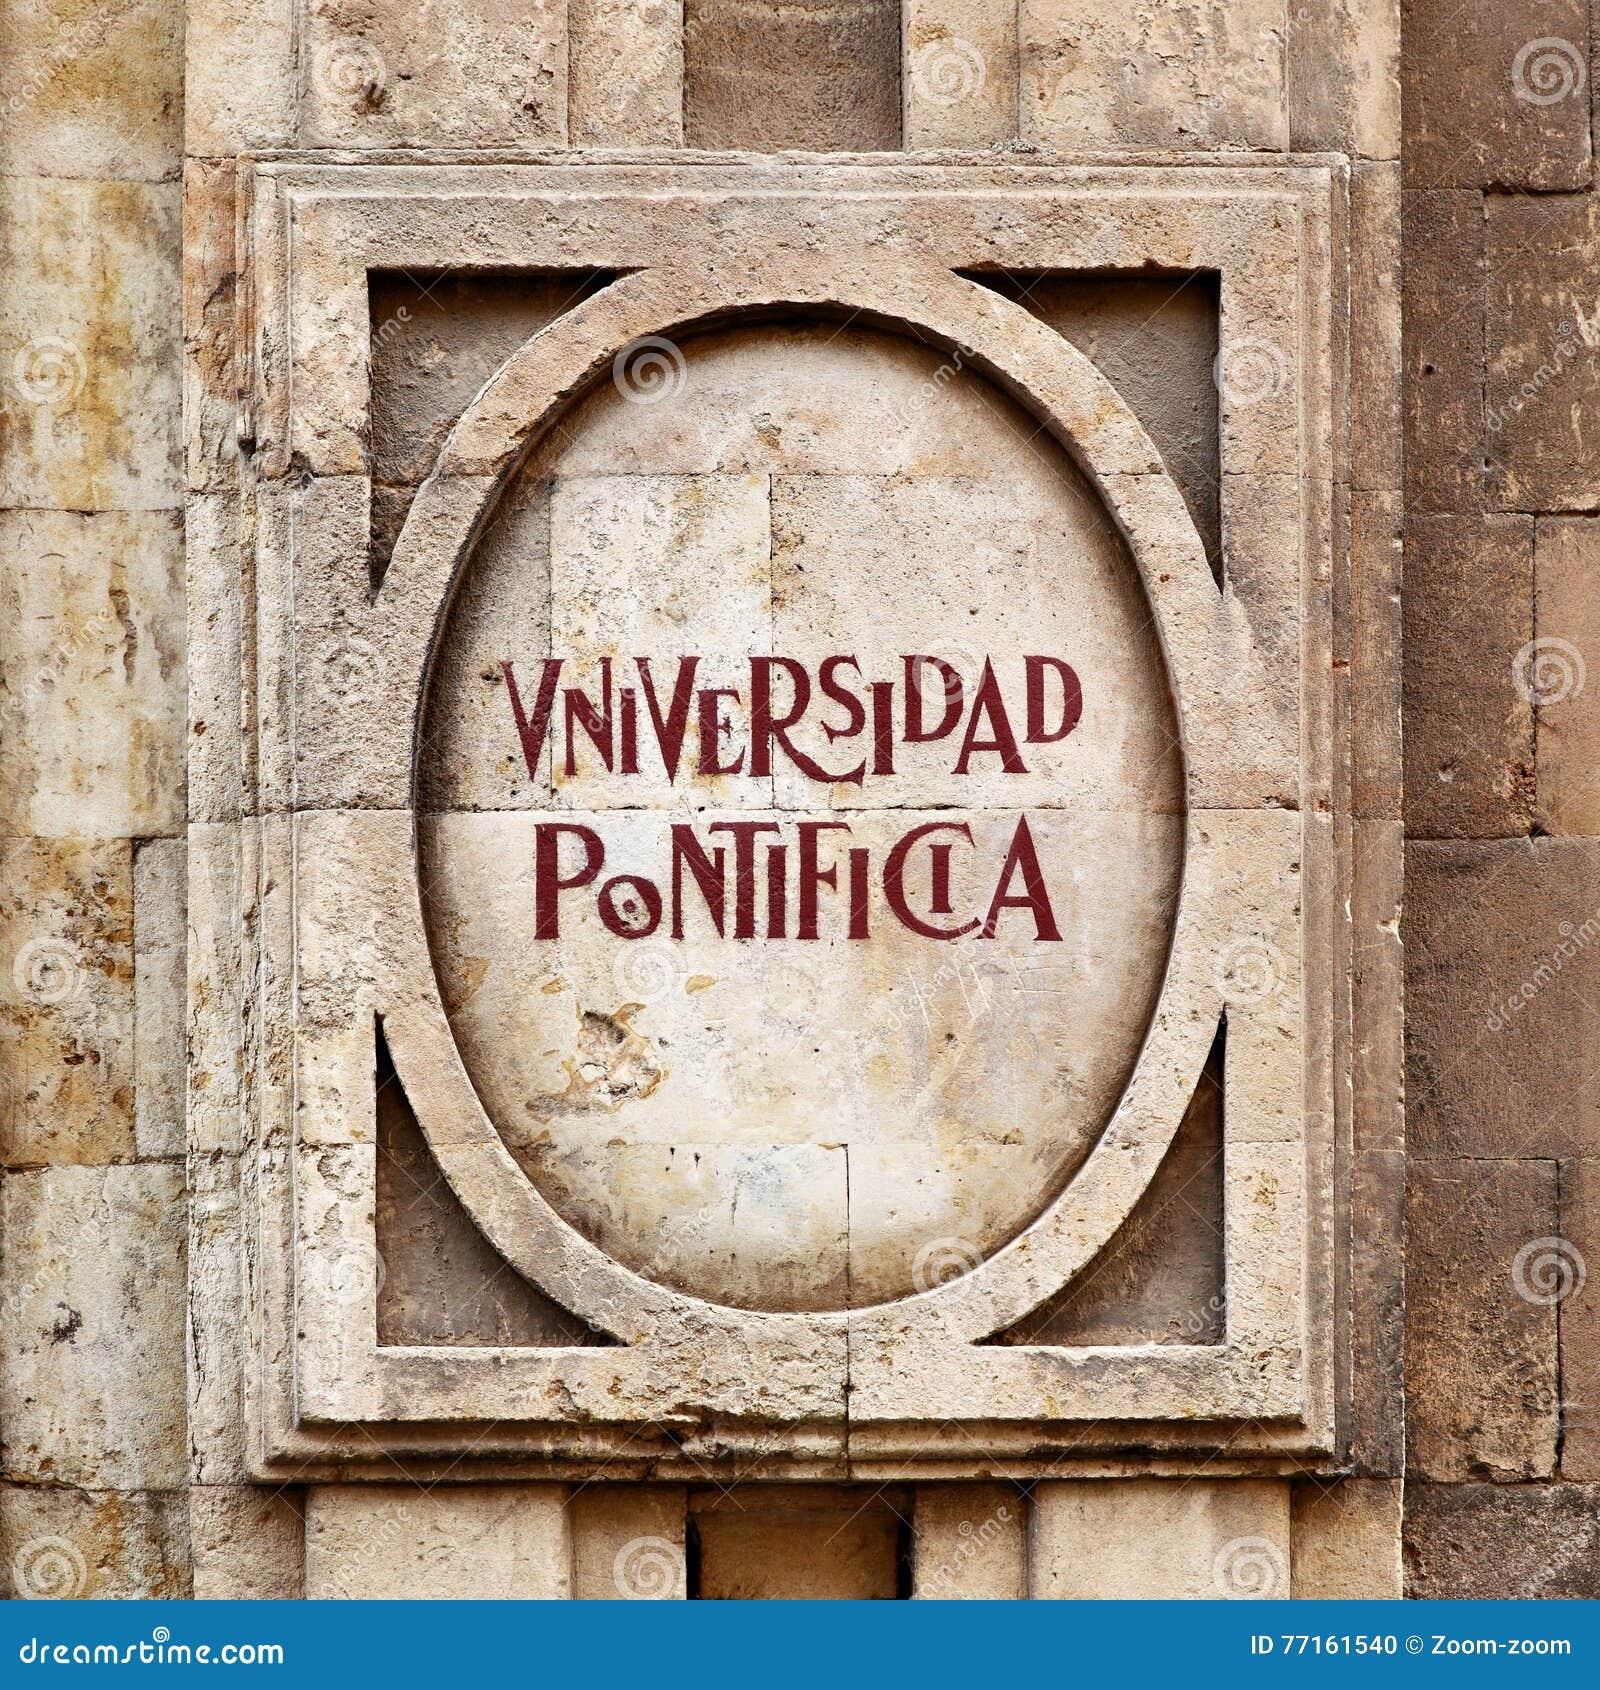 Université pontificale à Salamanque